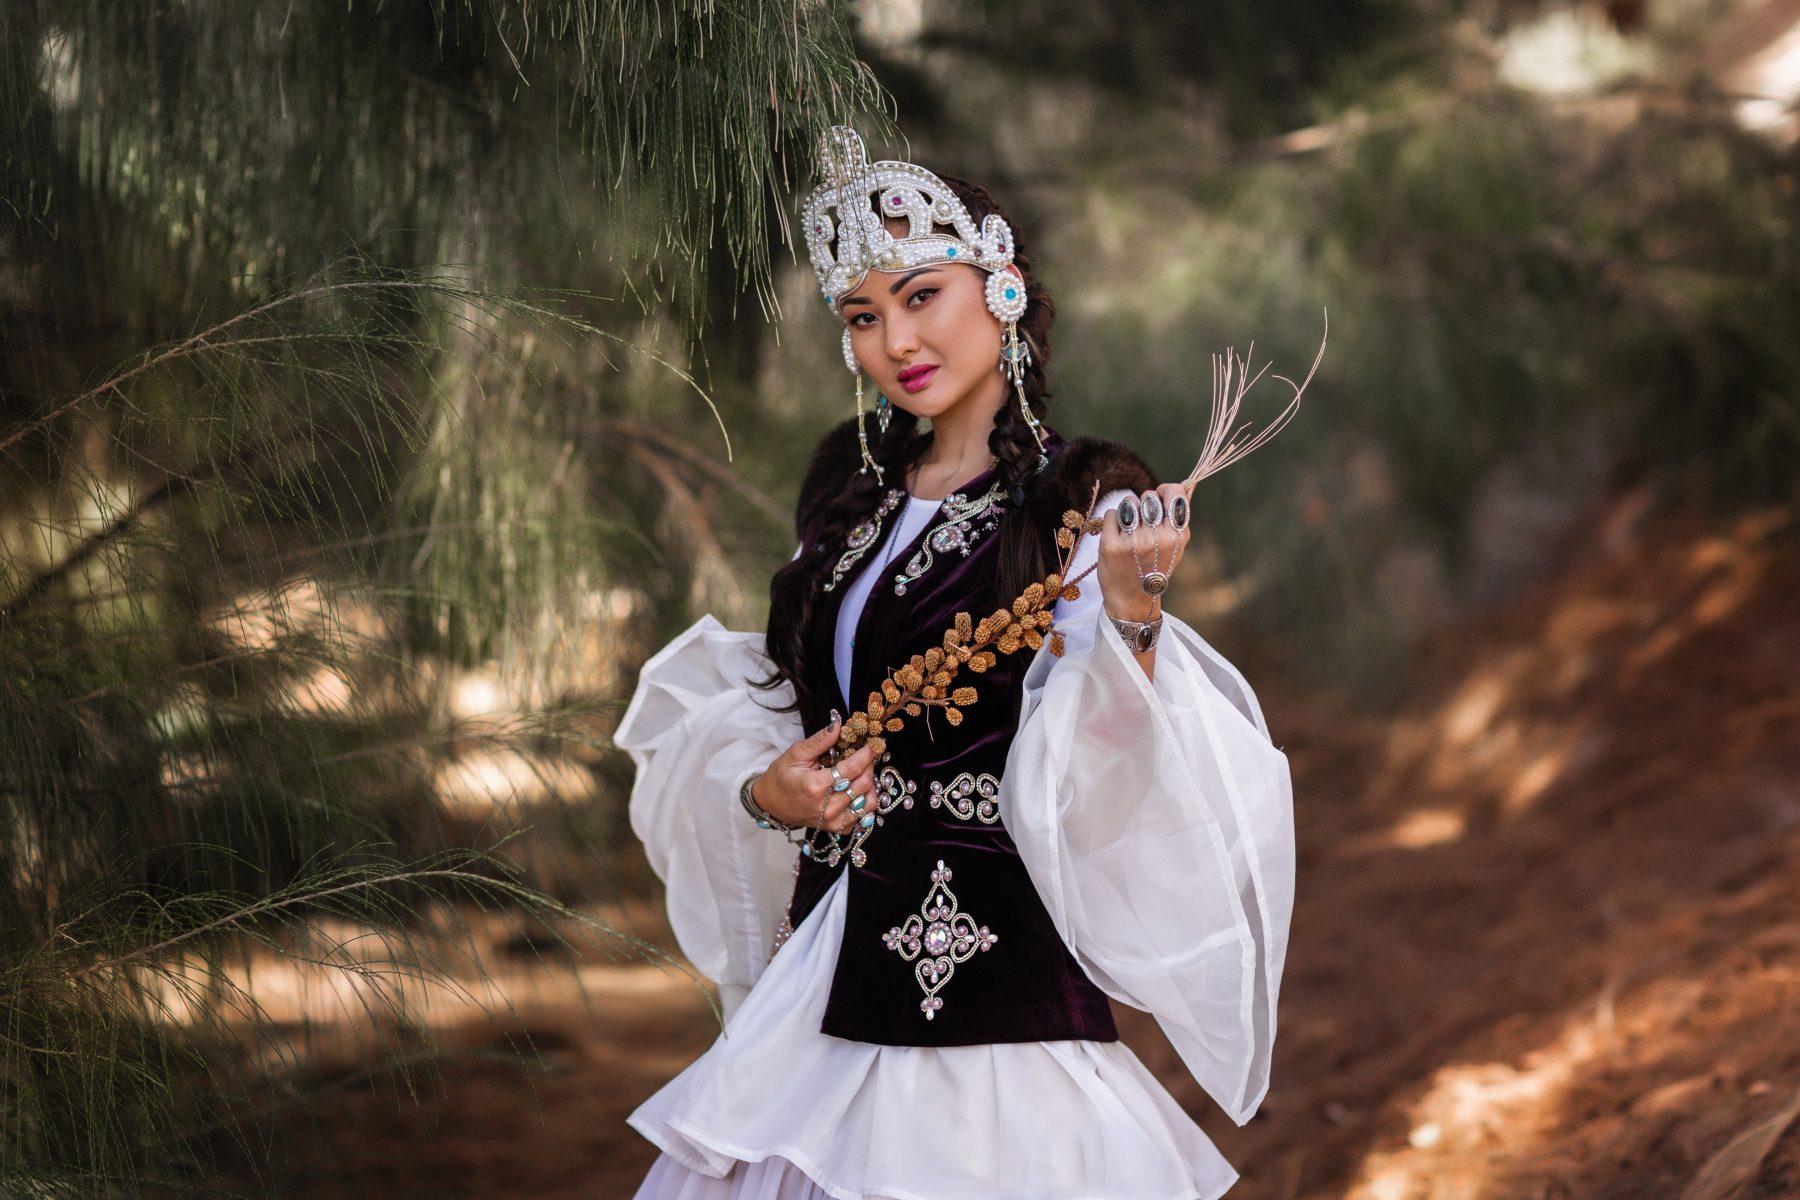 валенсии фото казашек в национальной одежде нынешнем году был